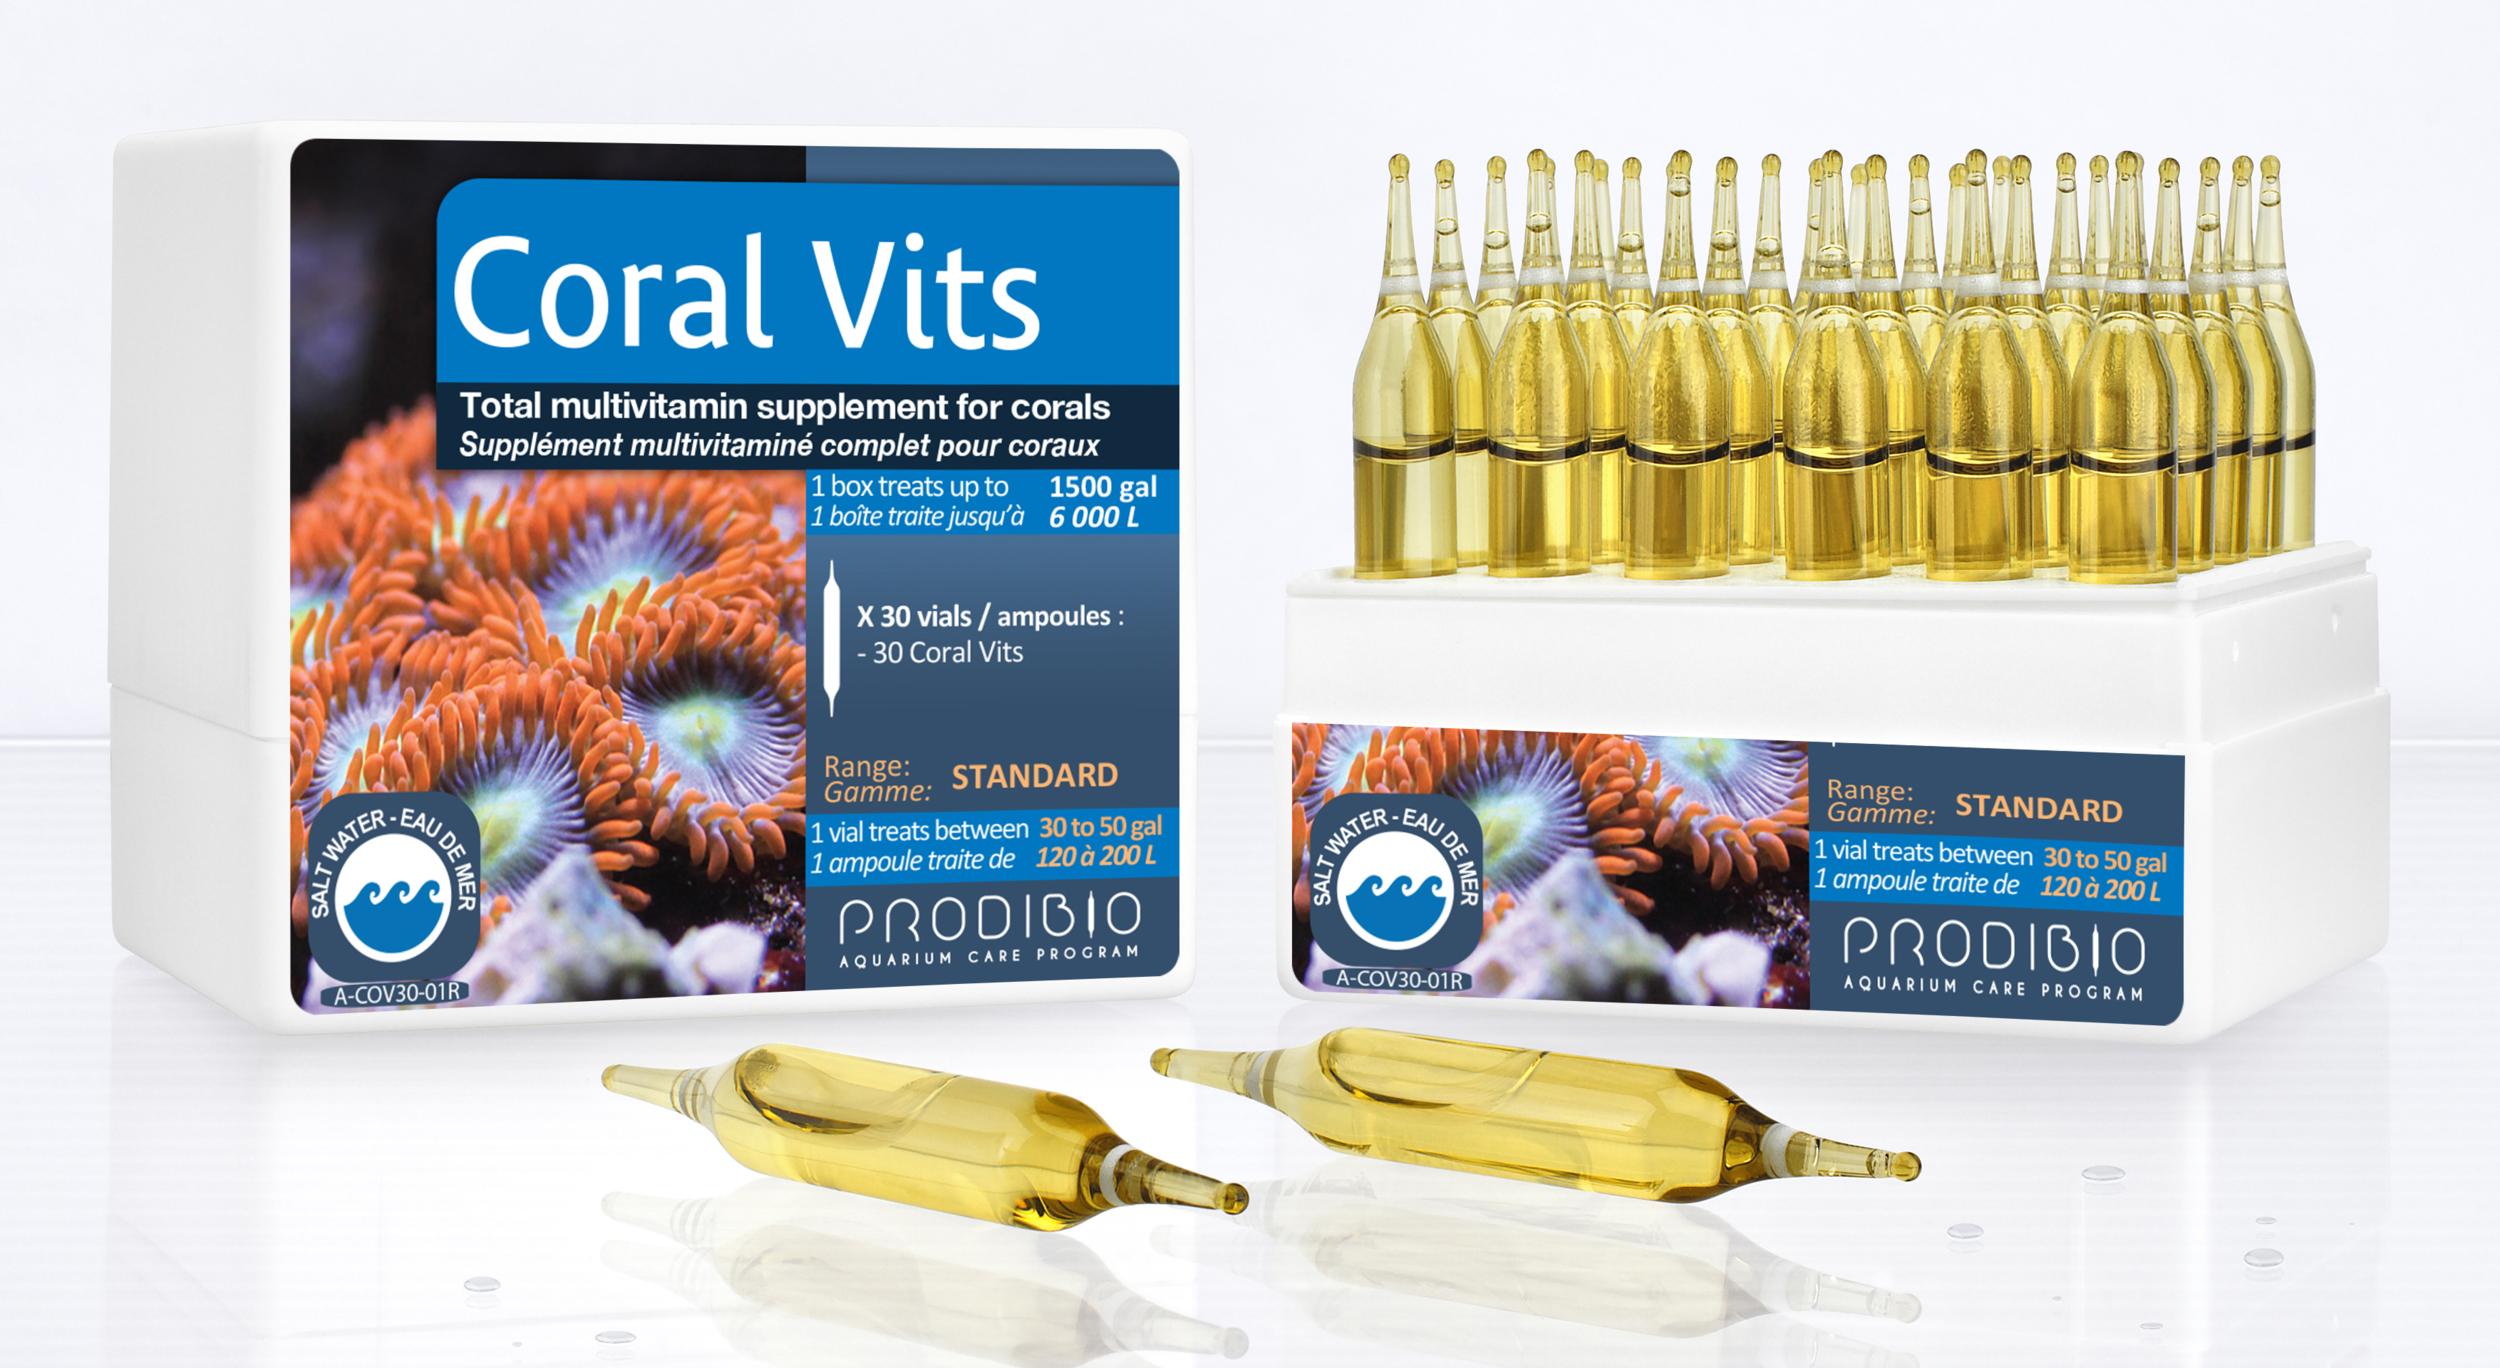 PRODIBIO Coral Vits 12 ampoules concentré de vitamines pour la croissance des coraux